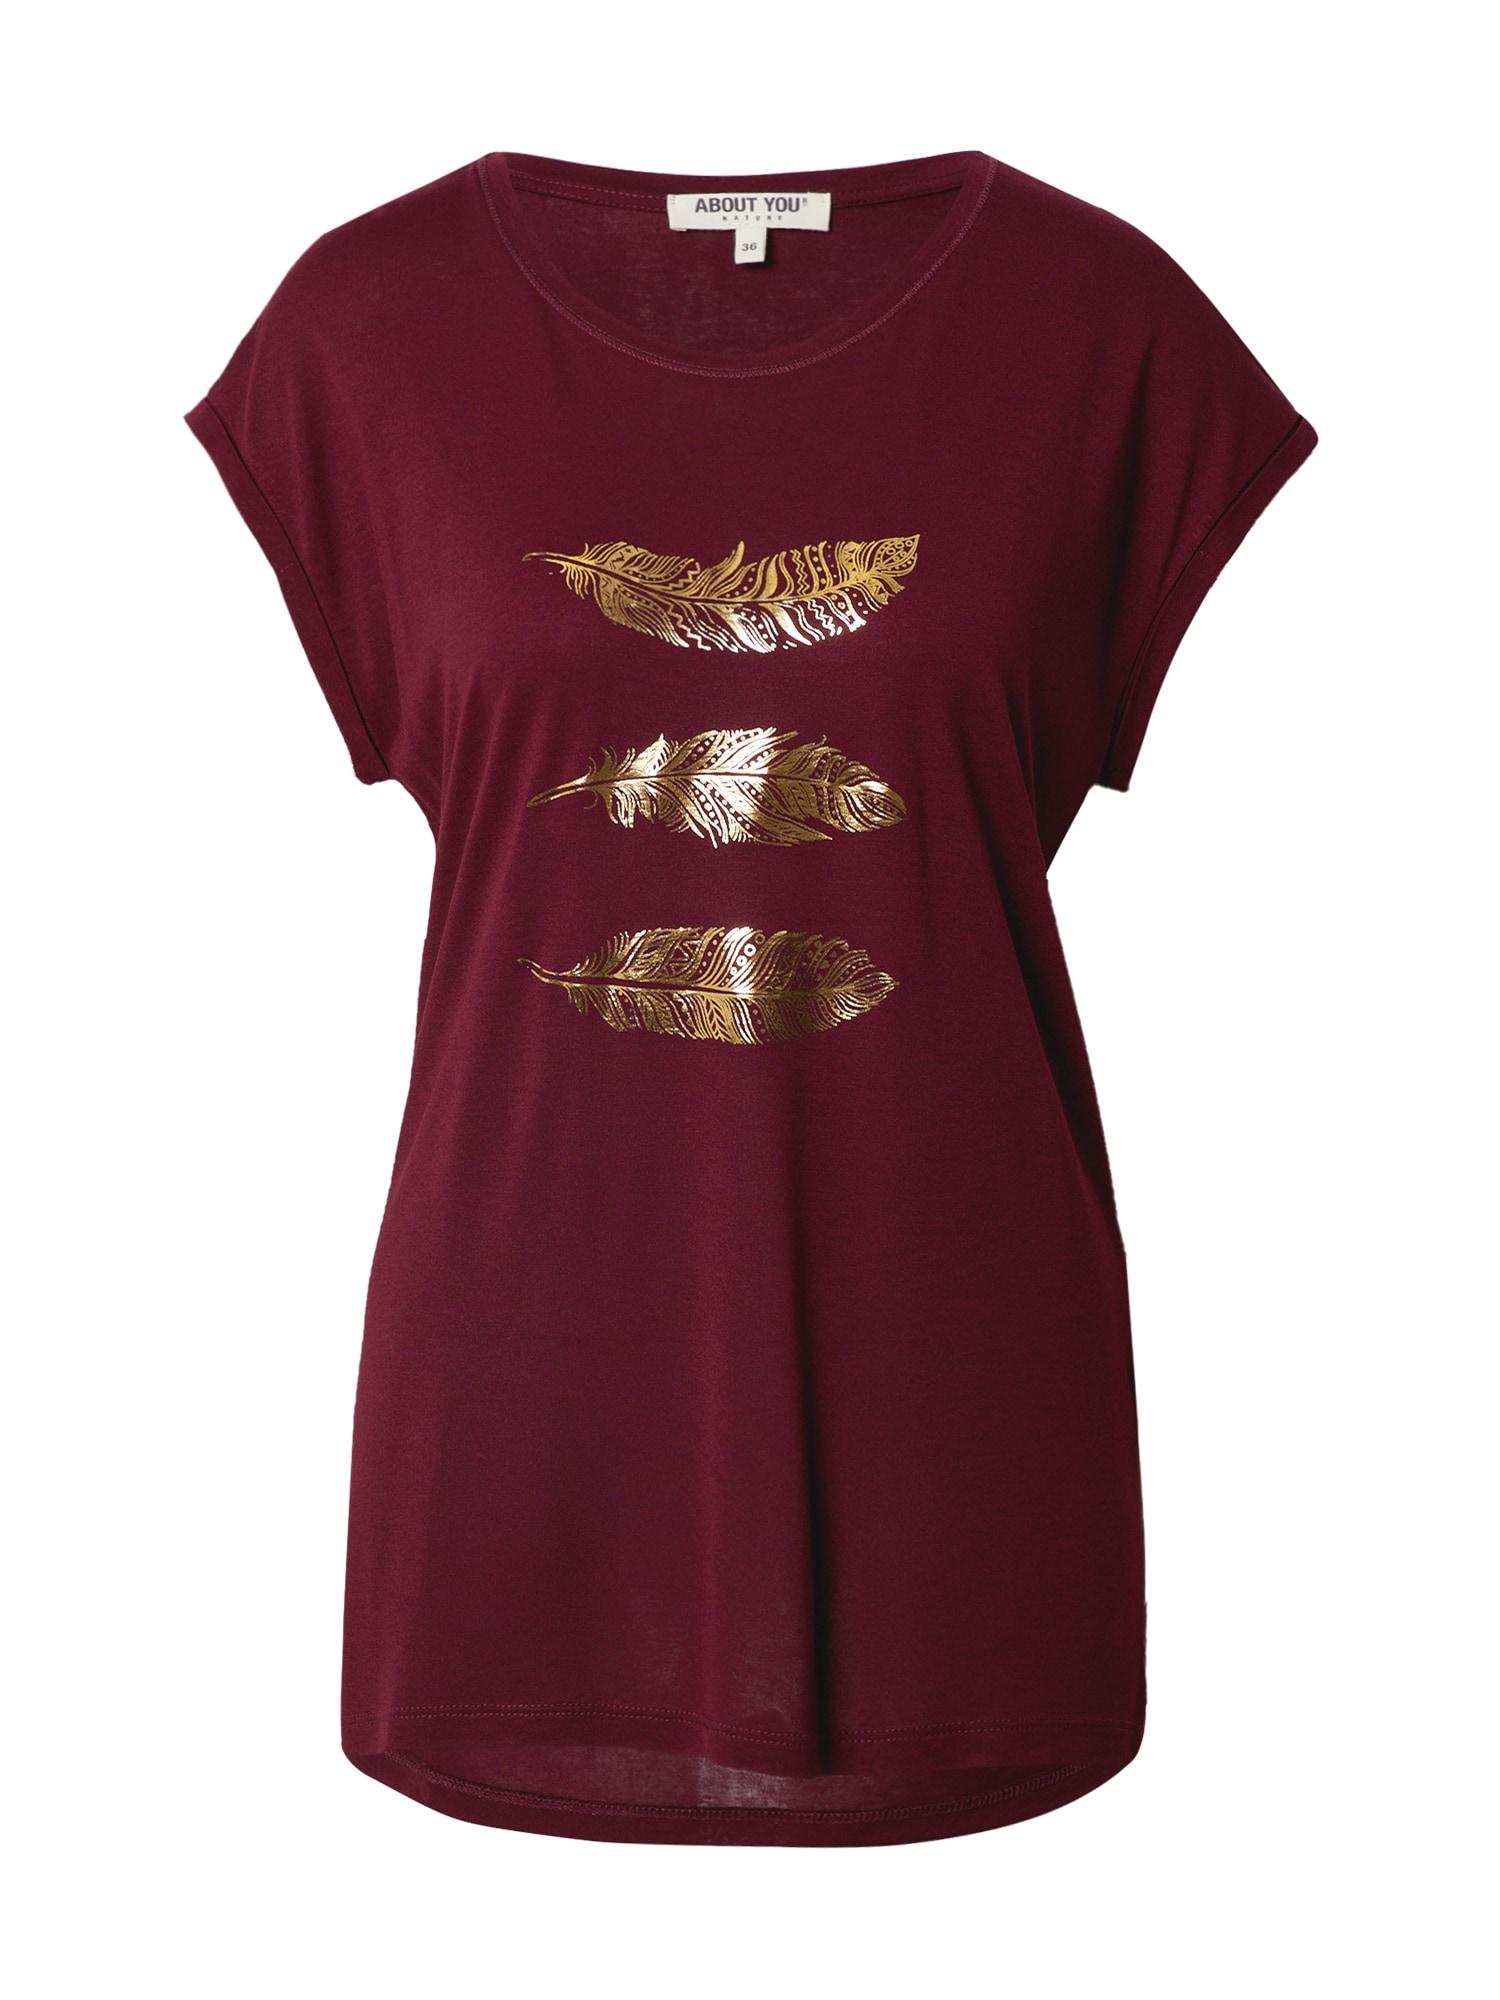 ABOUT YOU Marškinėliai 'Antoinetta' vyno raudona spalva